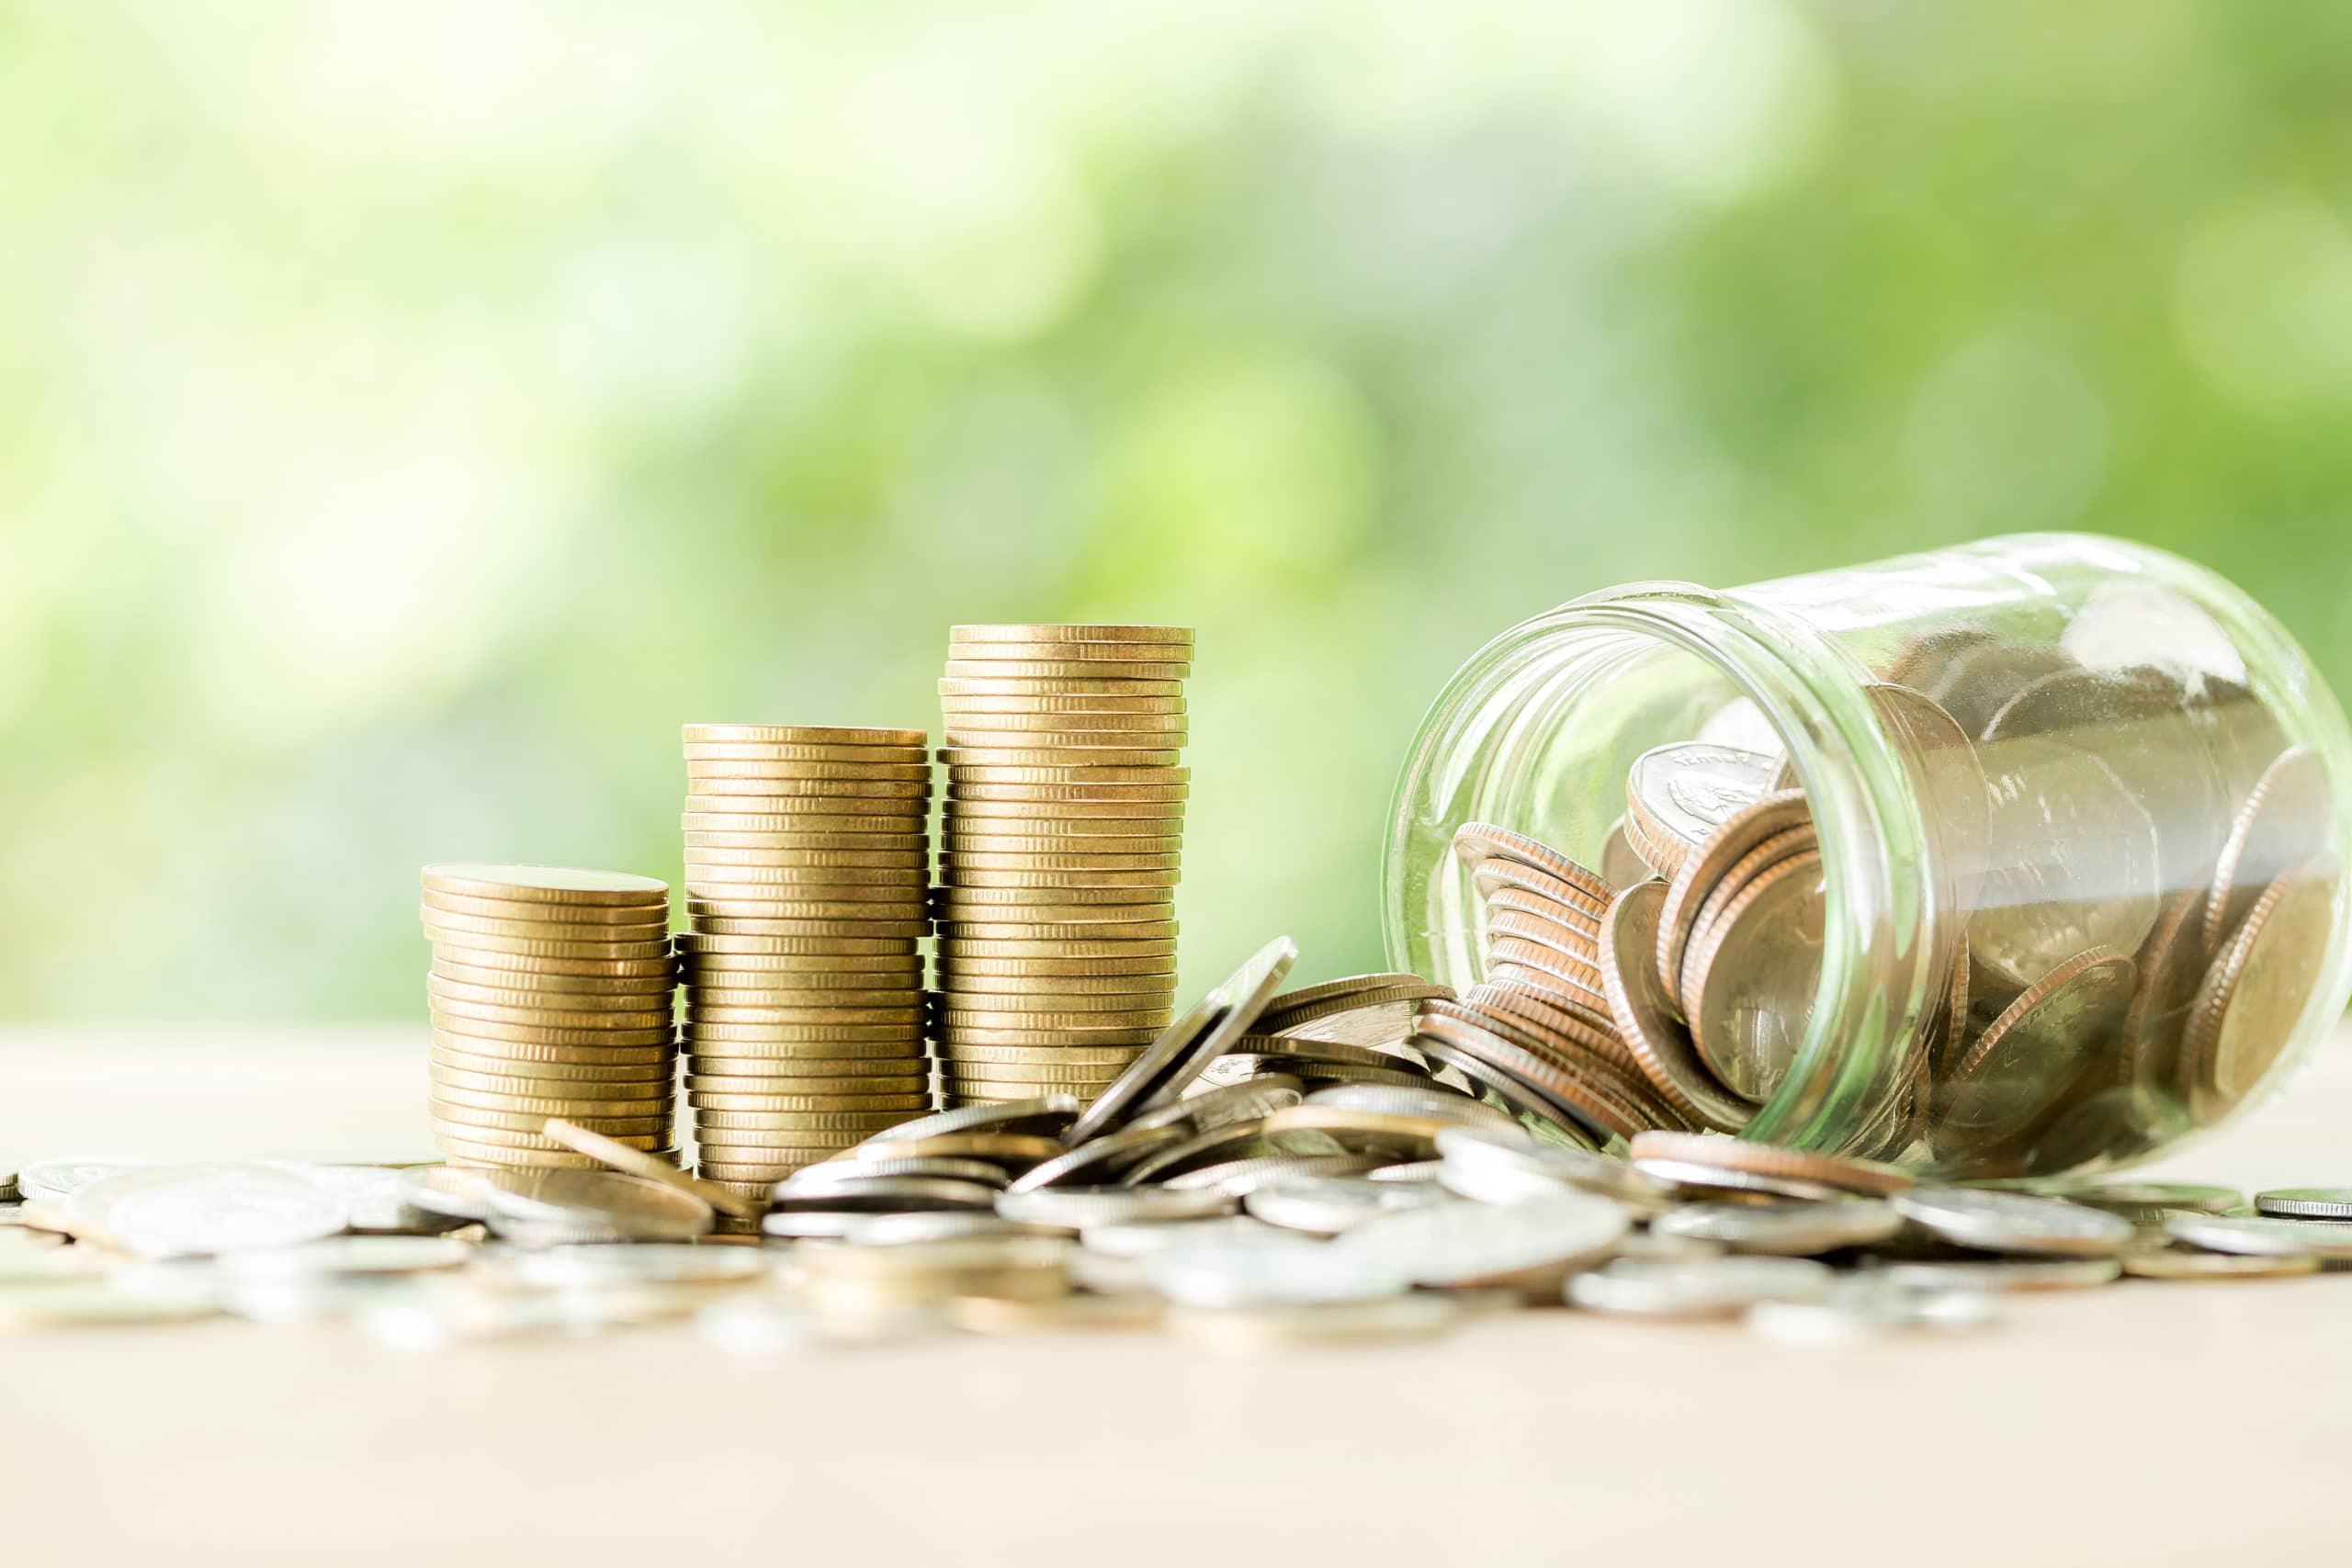 Comment trouver un financement à court terme pour une entreprise?